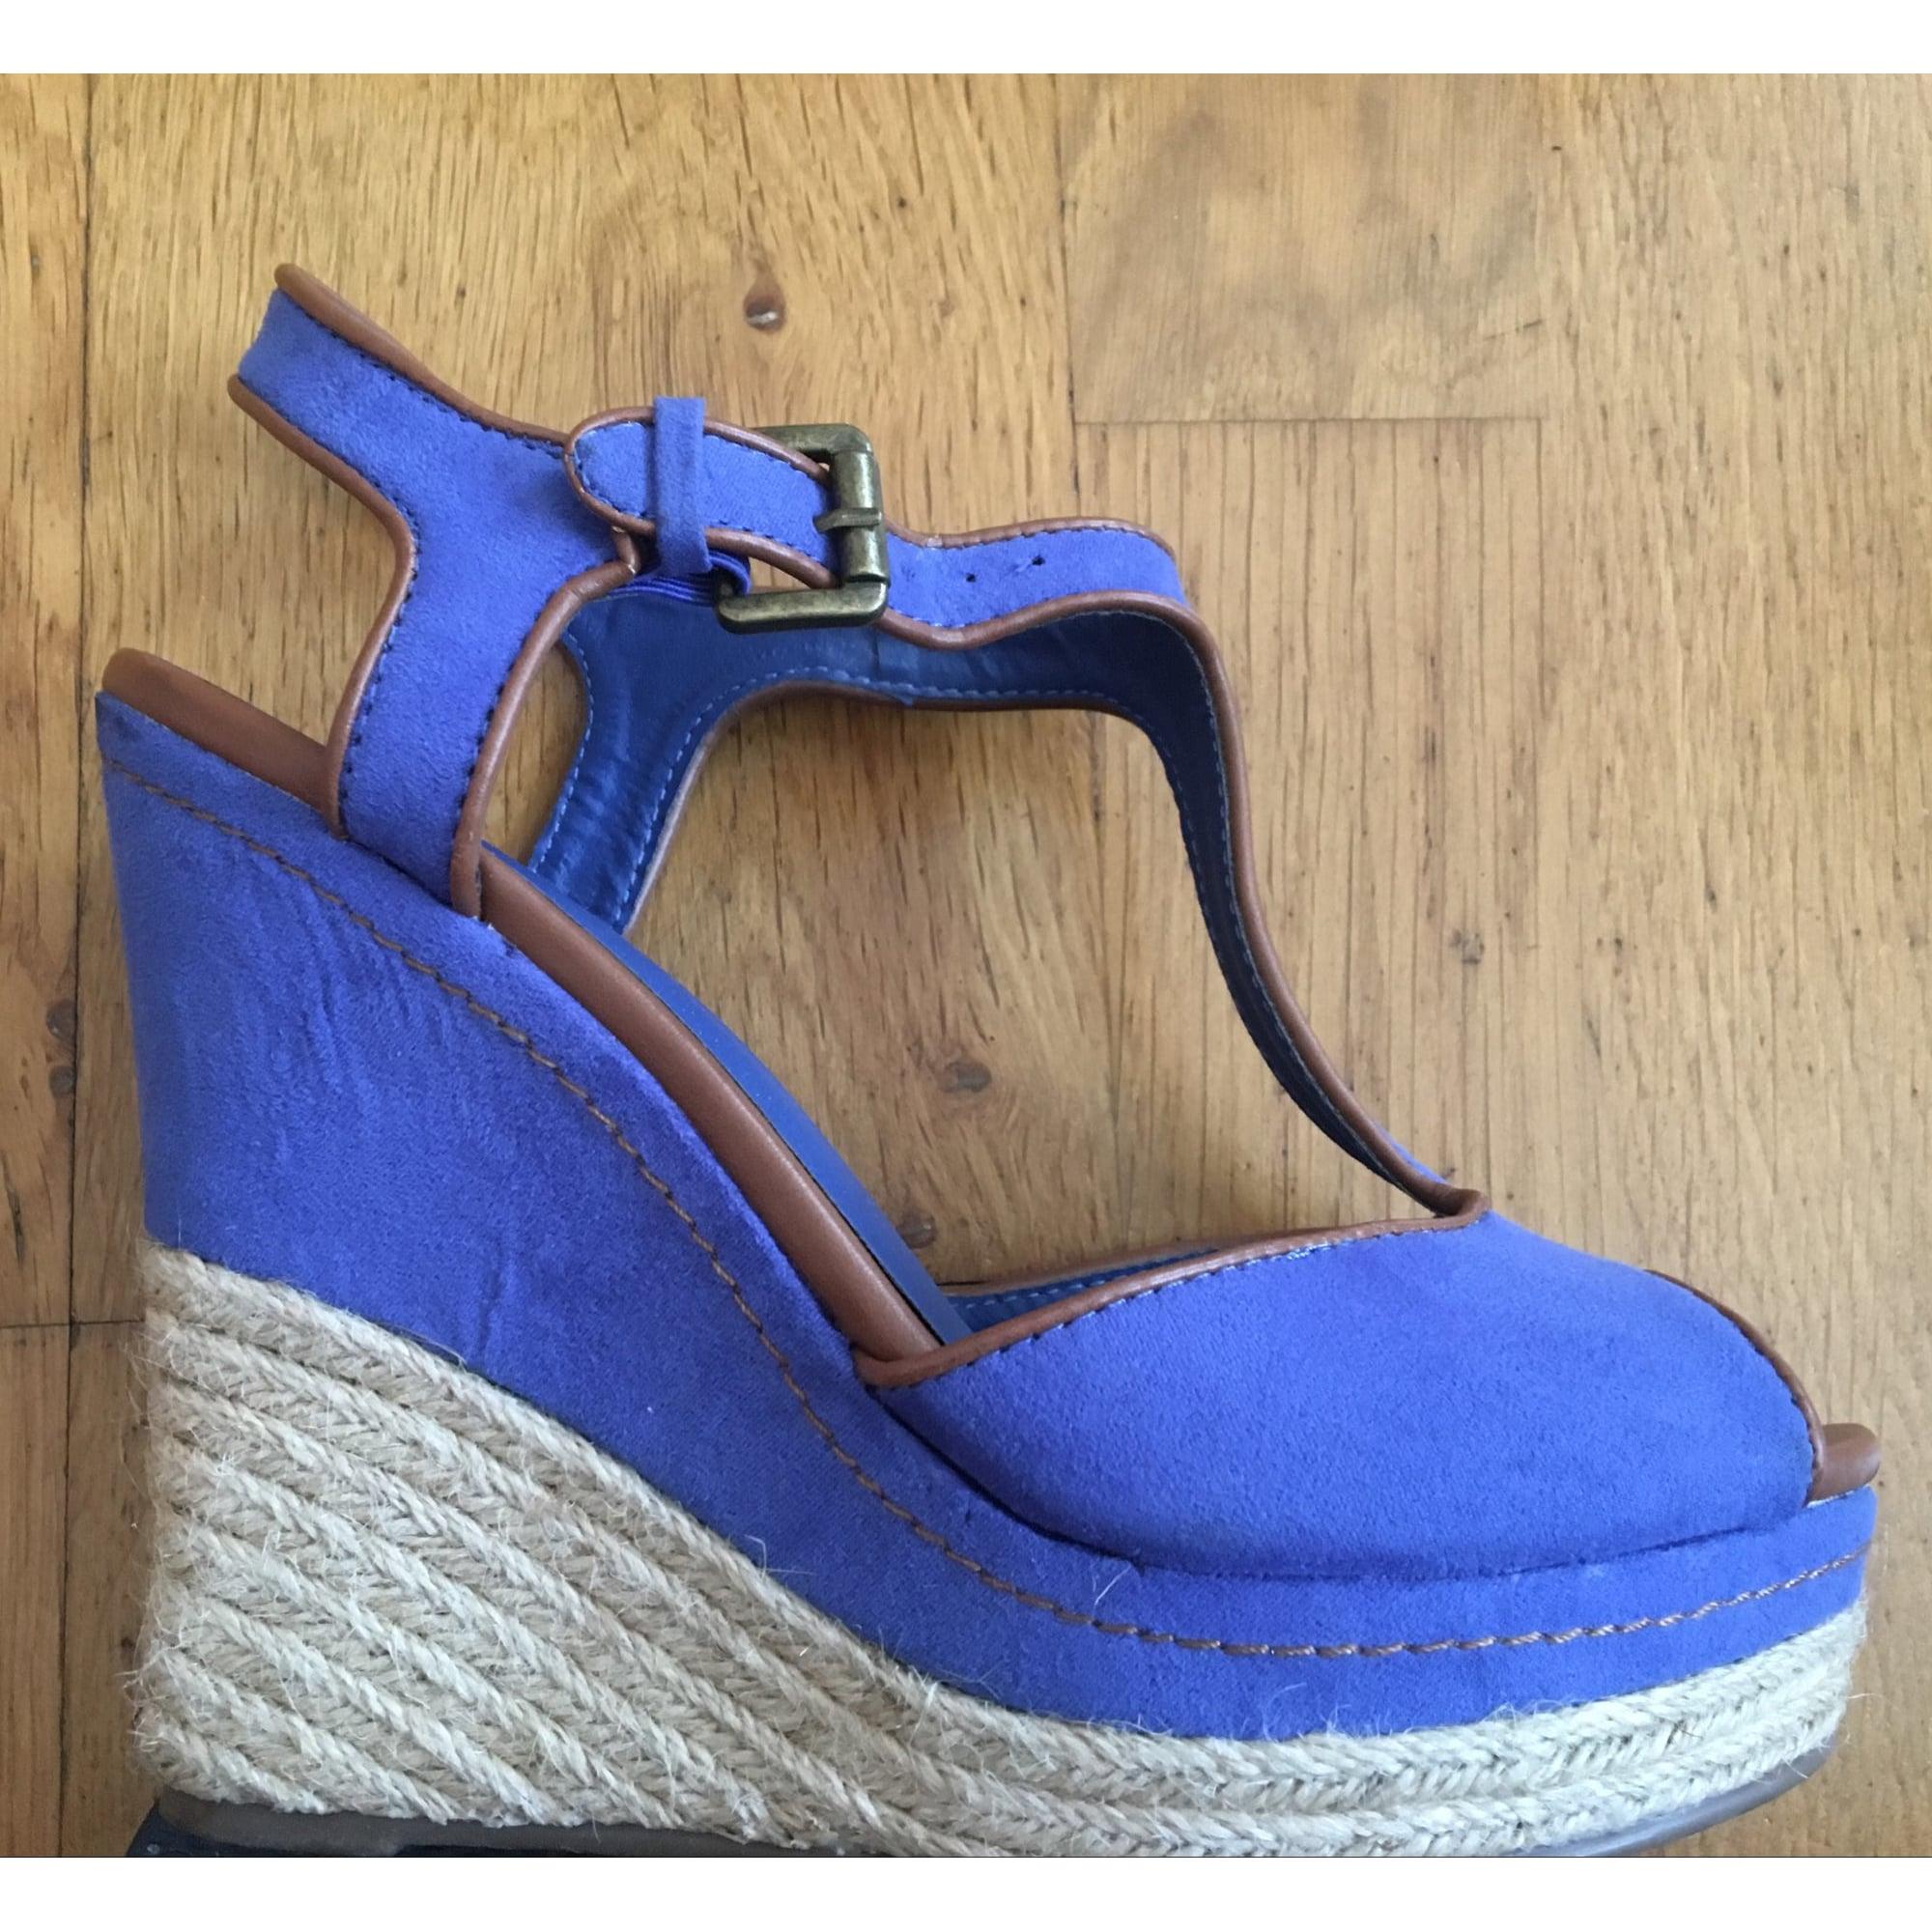 dfe36689f8ff47 Sandales compensées MARYPAZ 37 bleu vendu par Sonia 2471 - 6434400